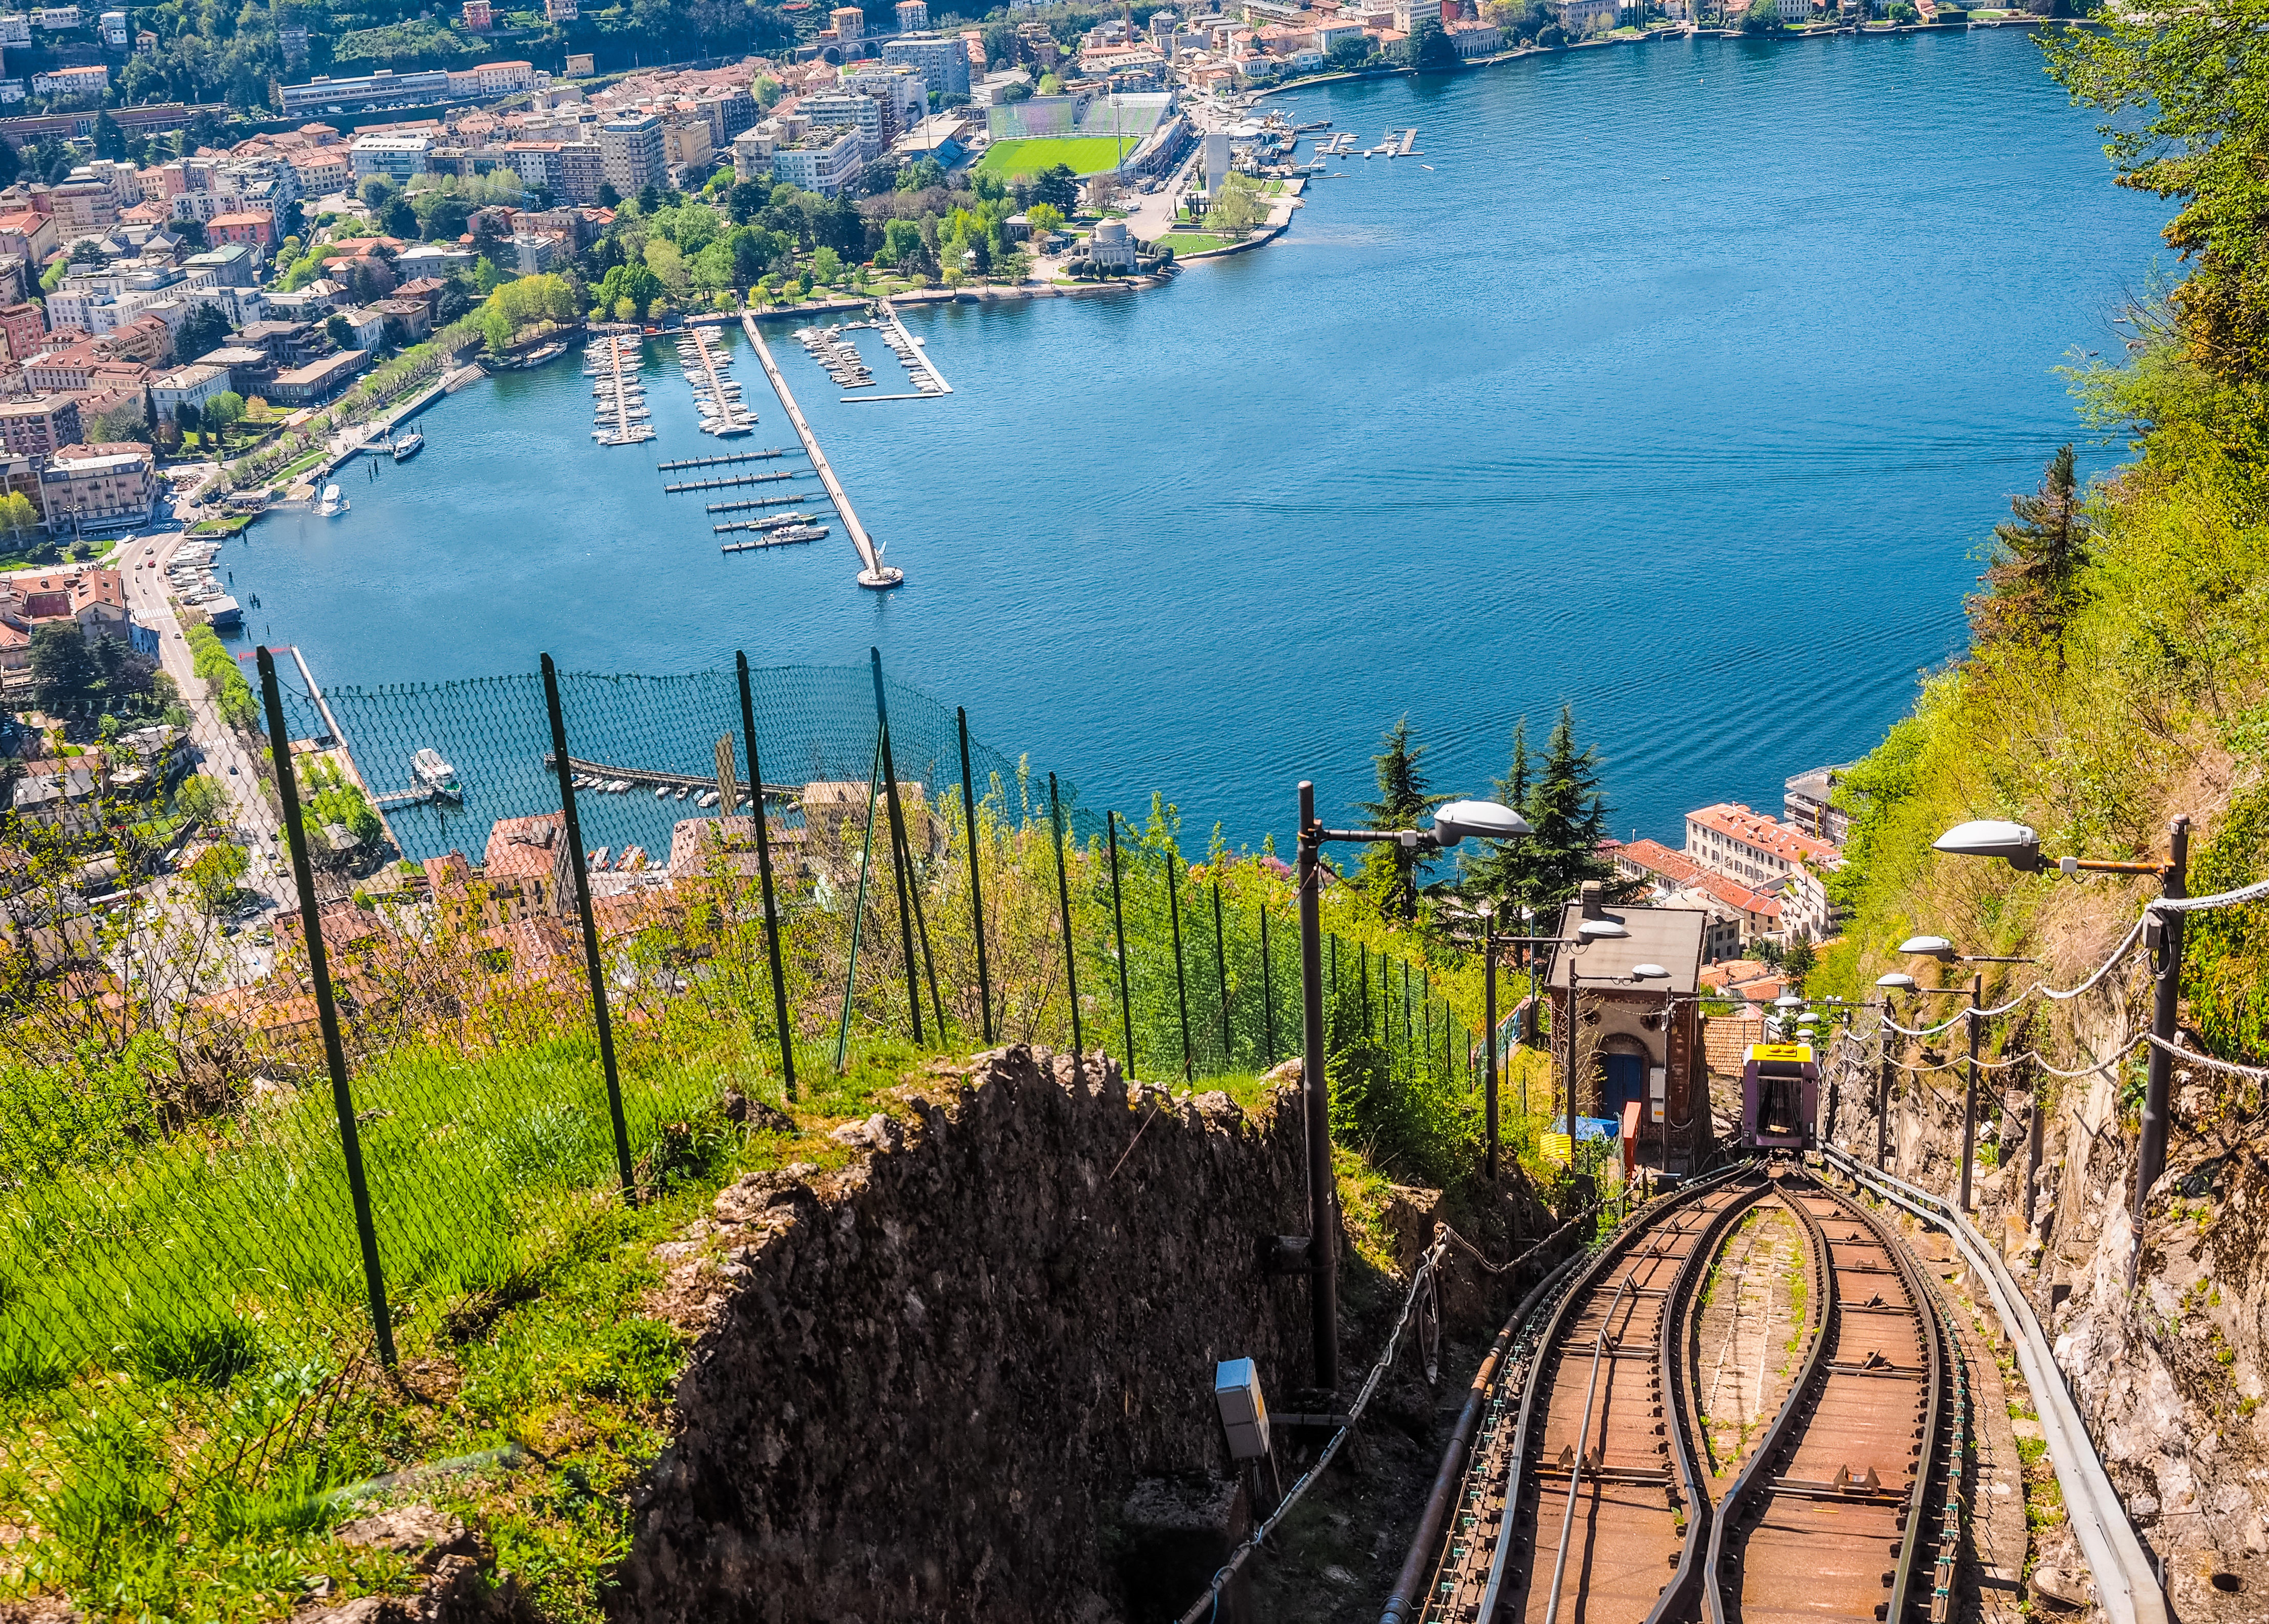 Viaja en el espectacular funicular a Brunate - Italia Circuito Norte de Italia: Lagos, Milán y Venecia